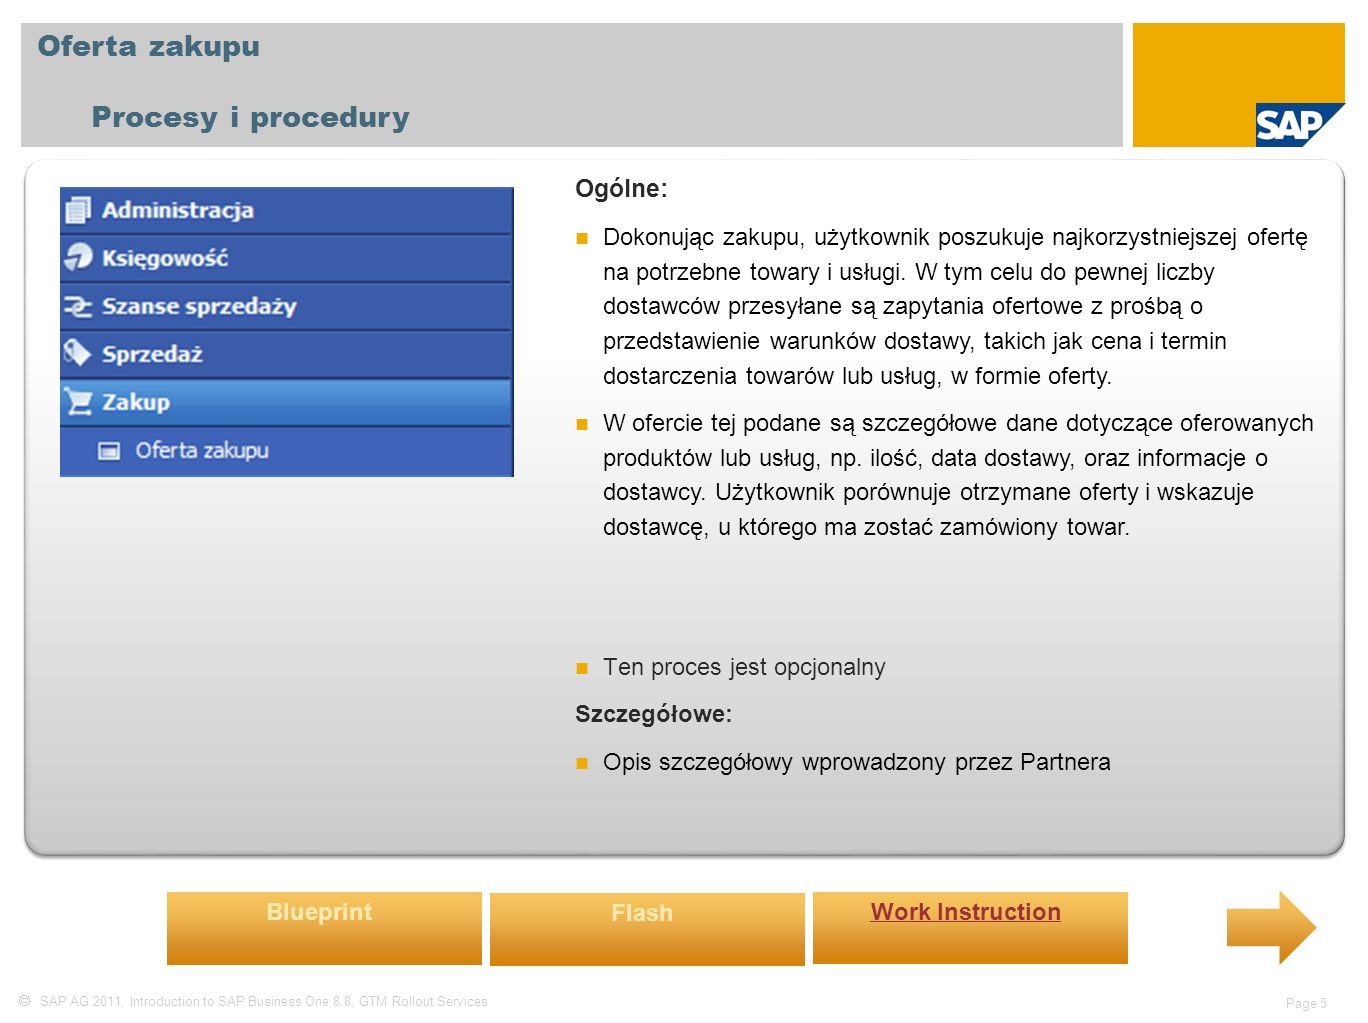  SAP AG 2011, Introduction to SAP Business One 8.8, GTM Rollout Services Page 5 Oferta zakupu Procesy i procedury Ogólne: Dokonując zakupu, użytkowni